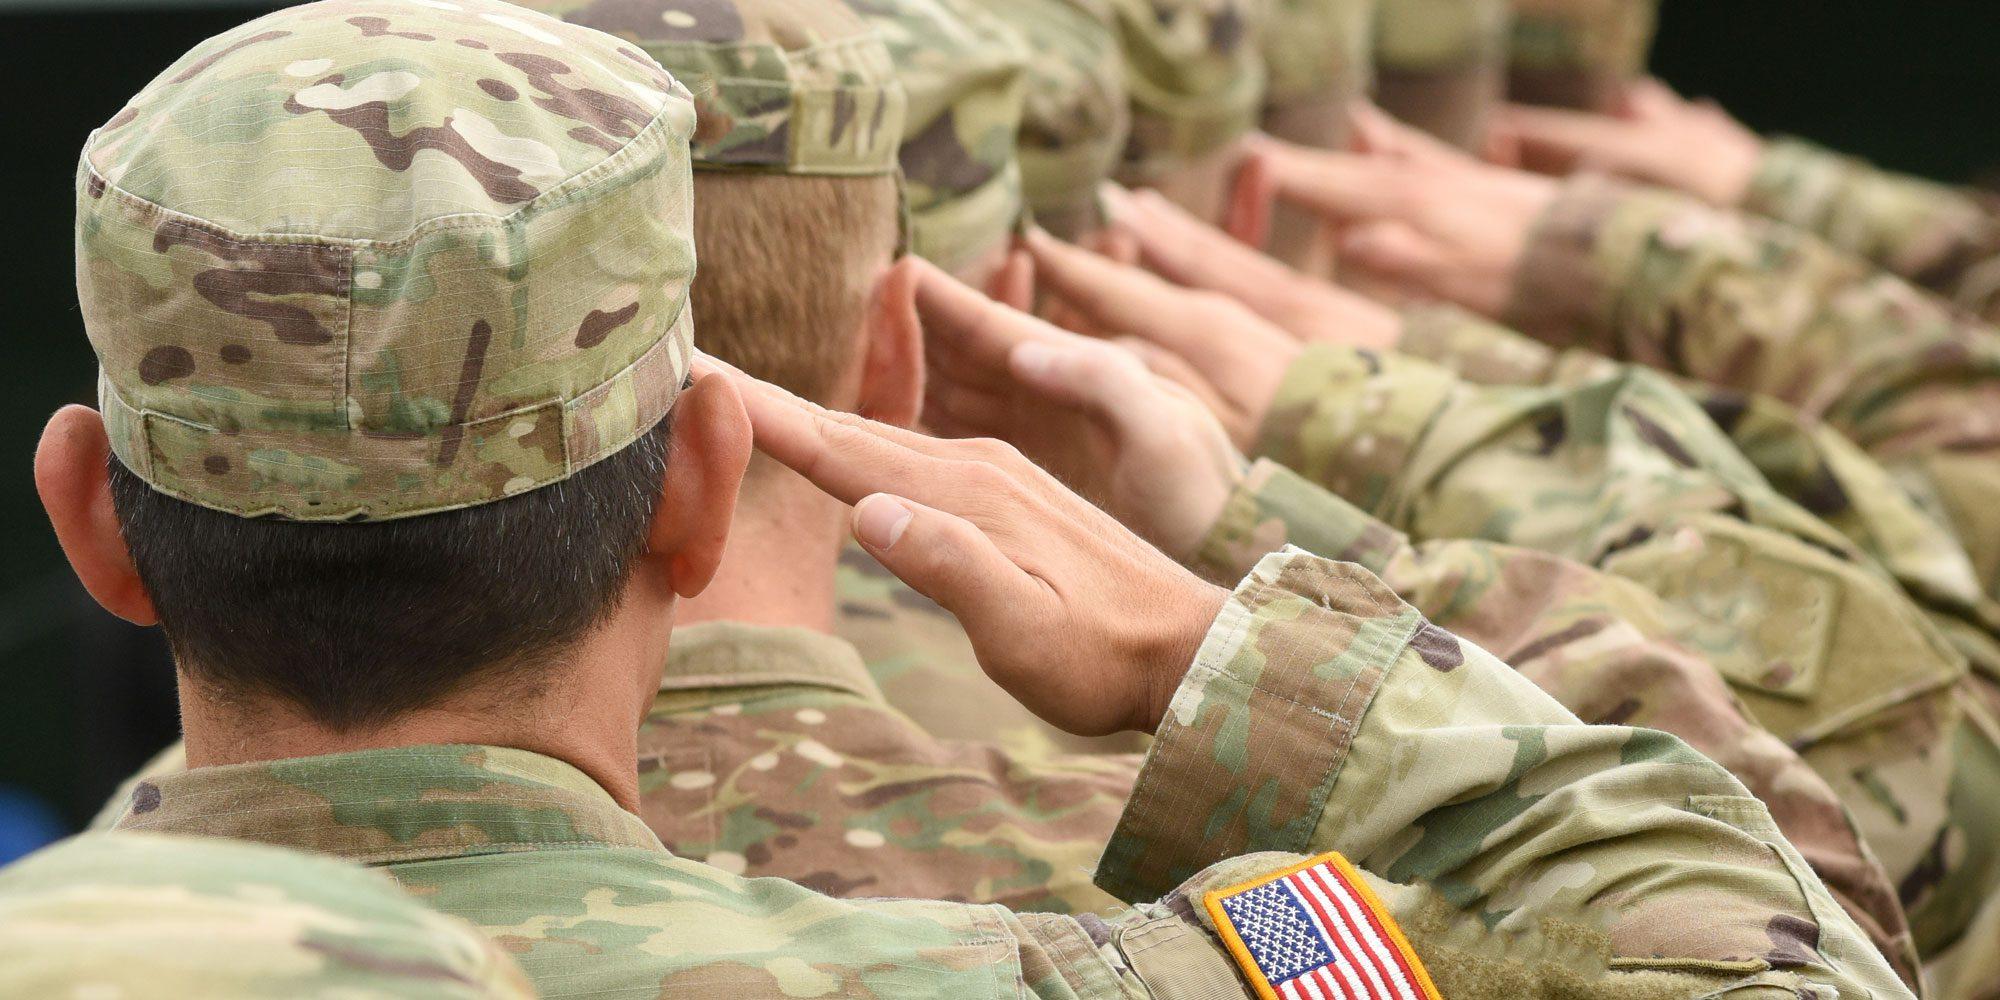 Drug and Alcohol Detox Program for Veterans